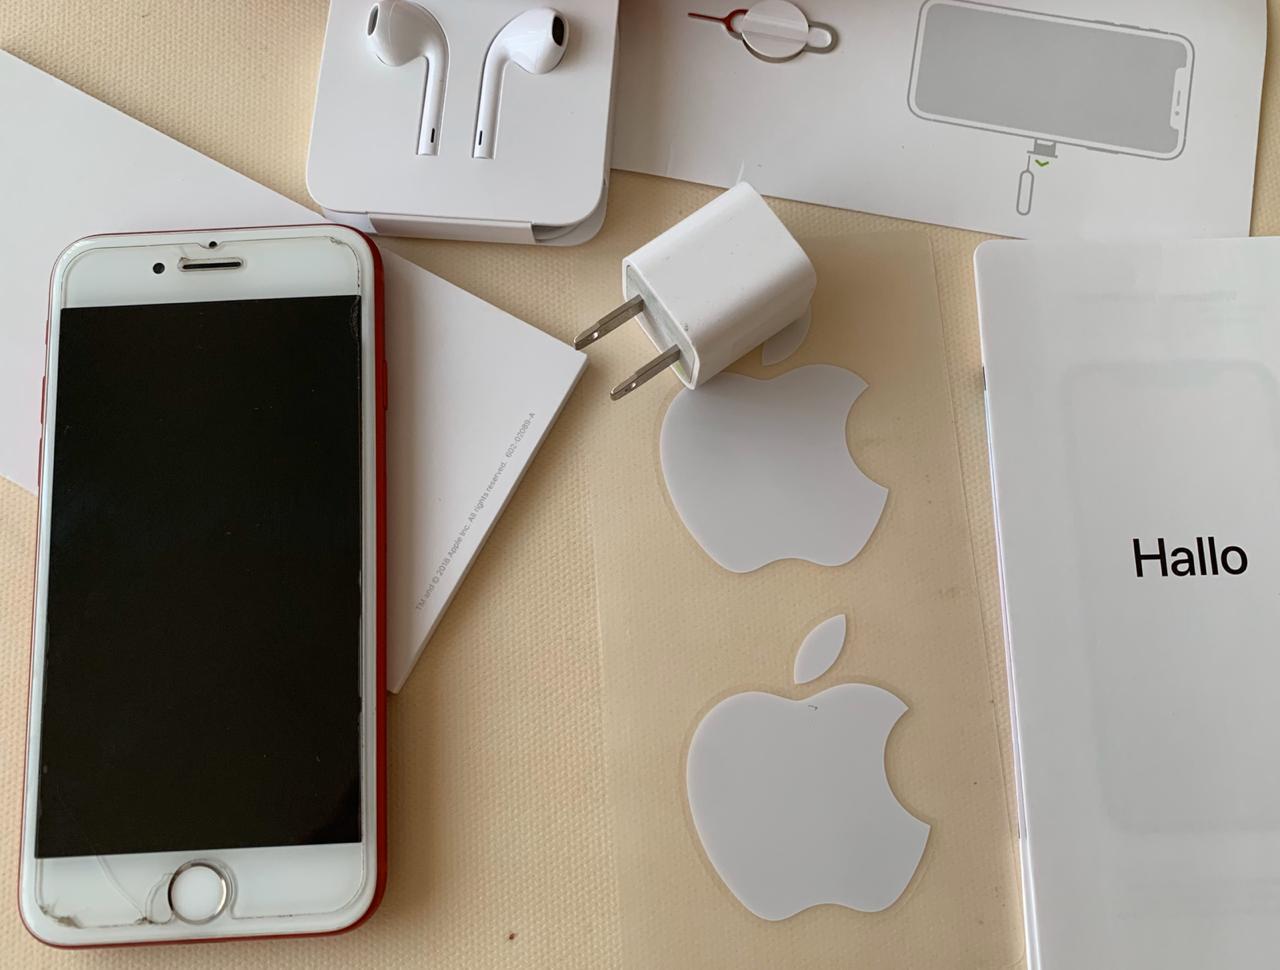 IPHONE7 EXCELENTE ESTADO, RED EDITION 128GB CON ACCESORIOS ORIGINALES